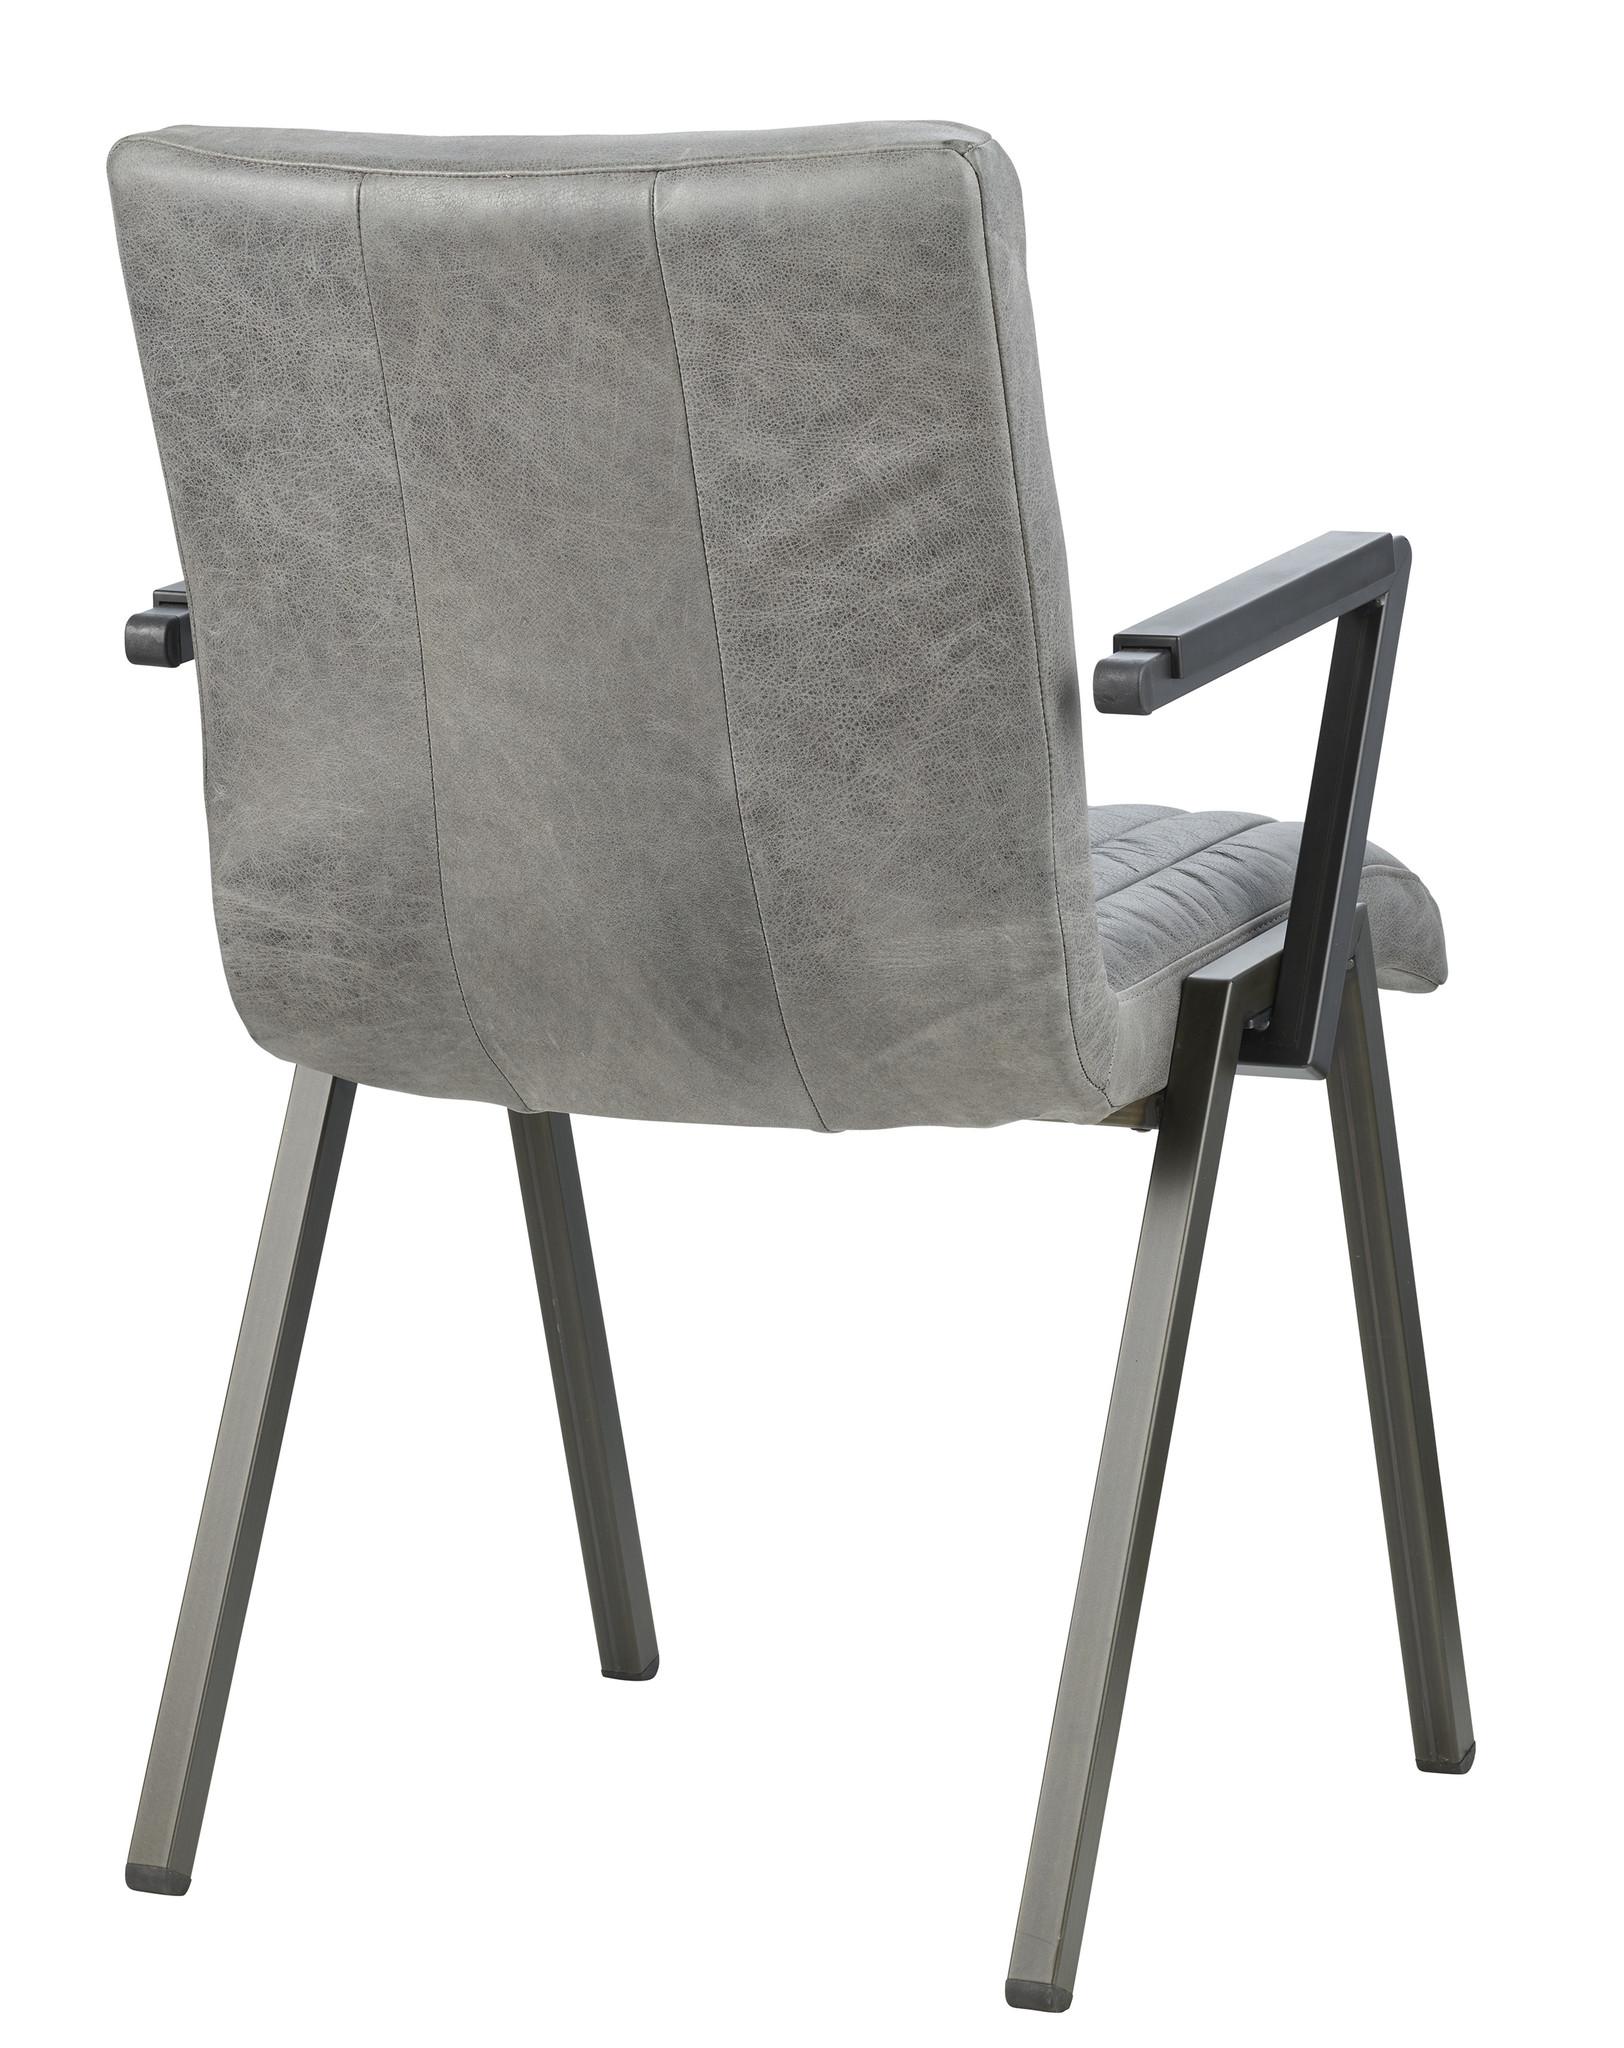 Lederen eetkamerstoel - Perez grey